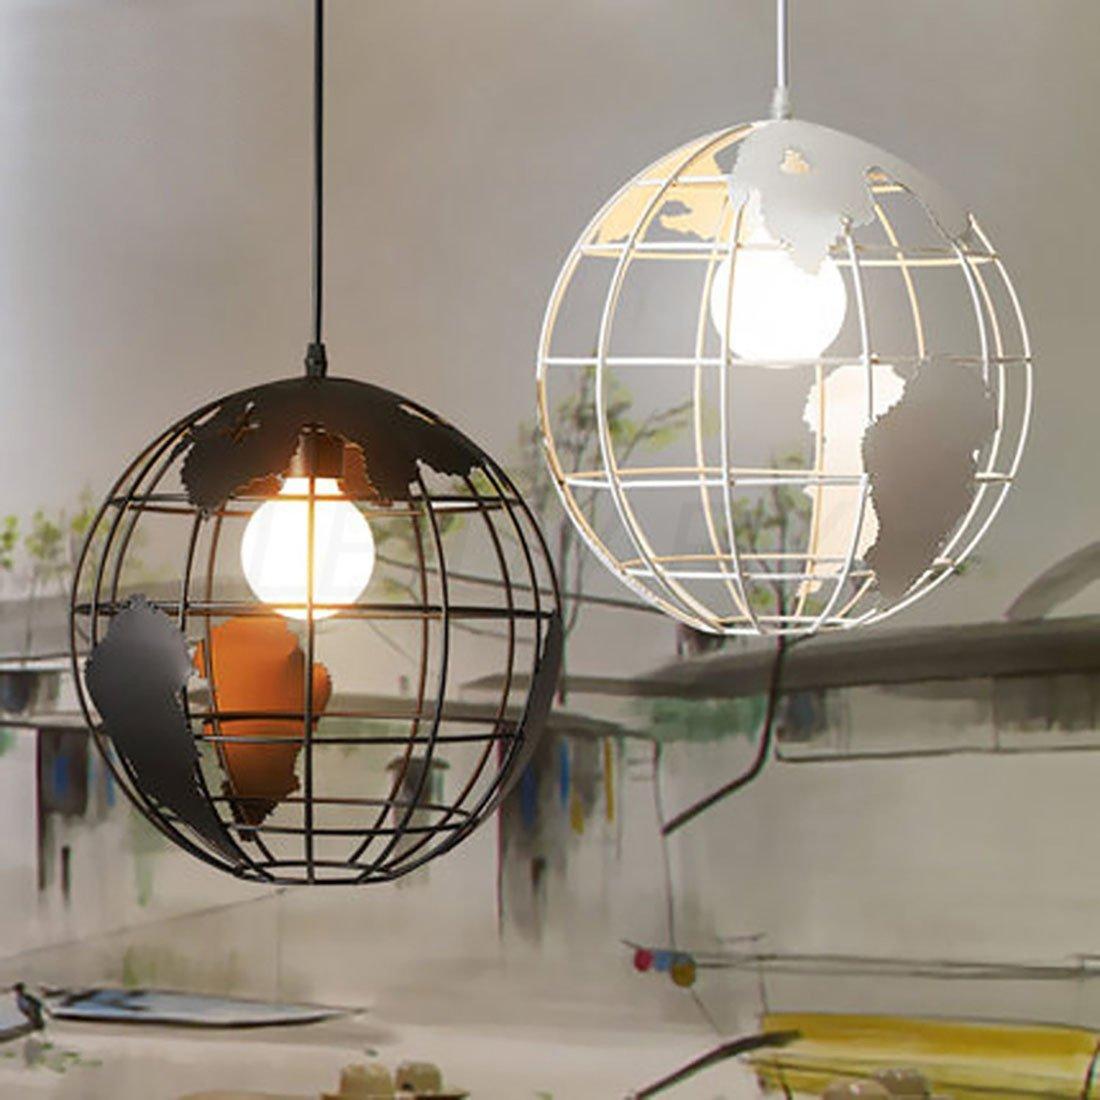 LEDIARY Black Round Earth Shape Home Modern Desigh Pendant Lamp Art Hanging Lamp Droplight for Home,Shop,Bar,Restaurant,One Head,E26 Holder,White Color,30CM